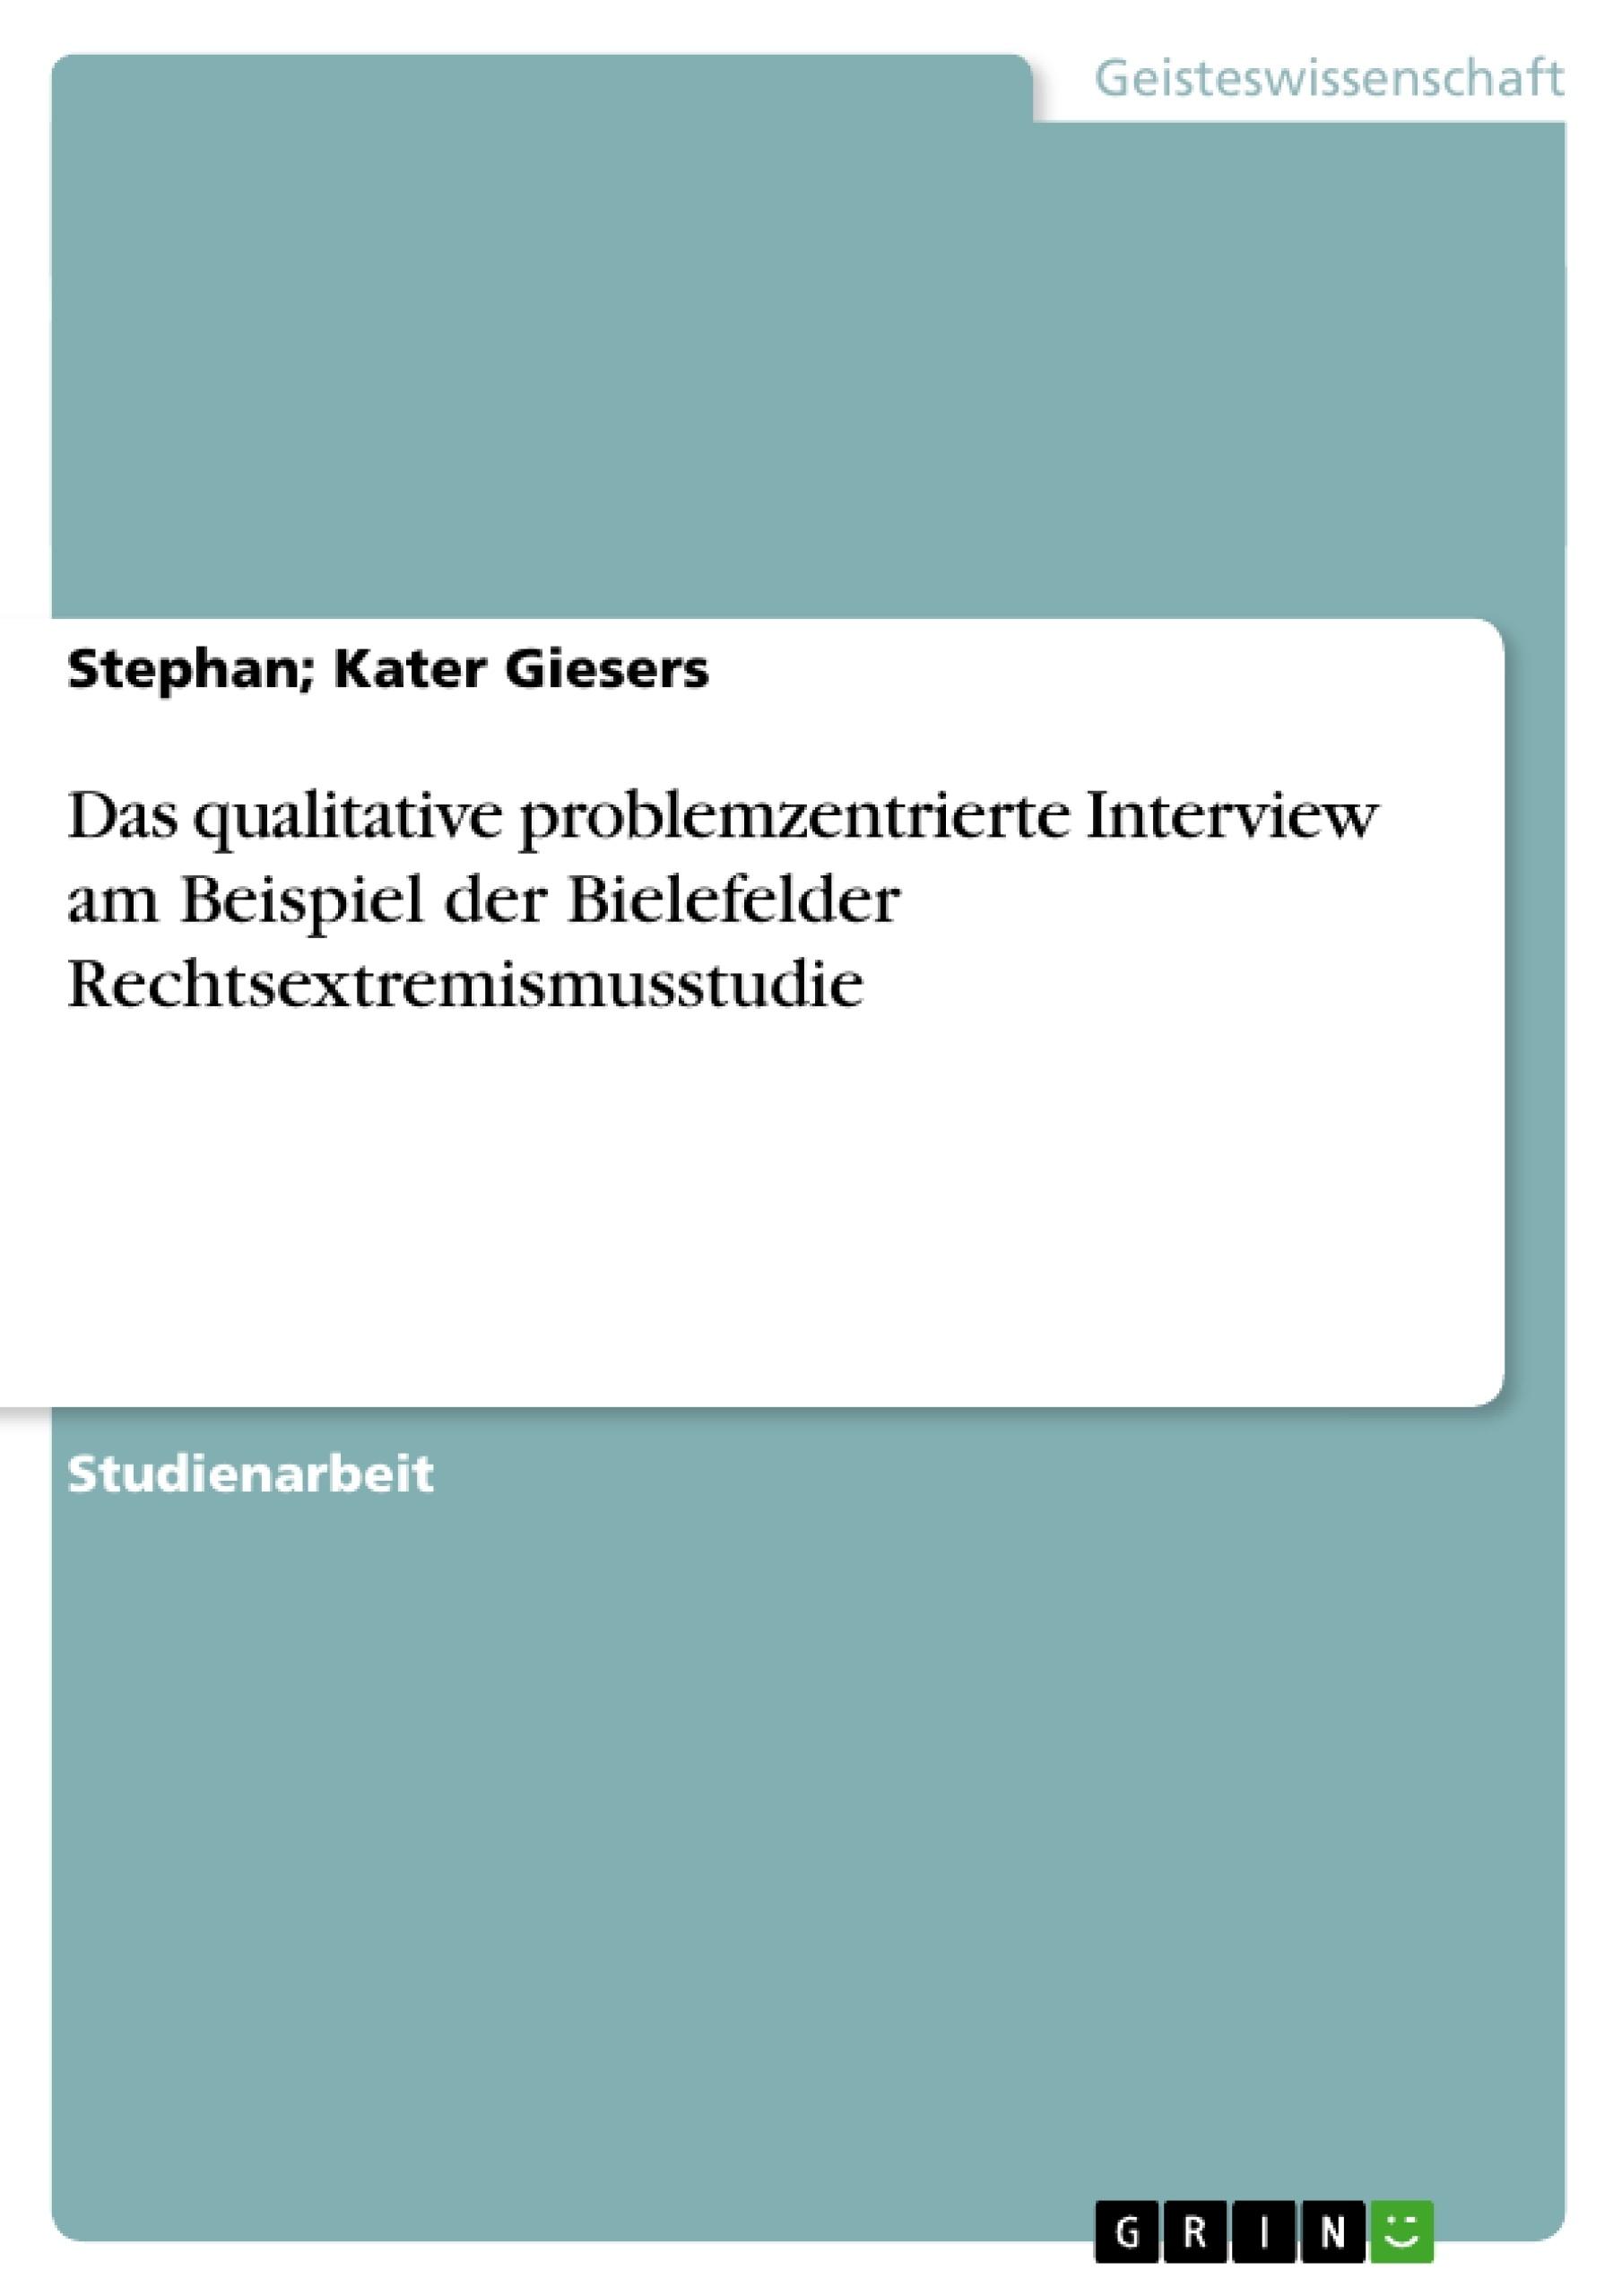 Titel: Das qualitative problemzentrierte Interview am Beispiel der Bielefelder Rechtsextremismusstudie